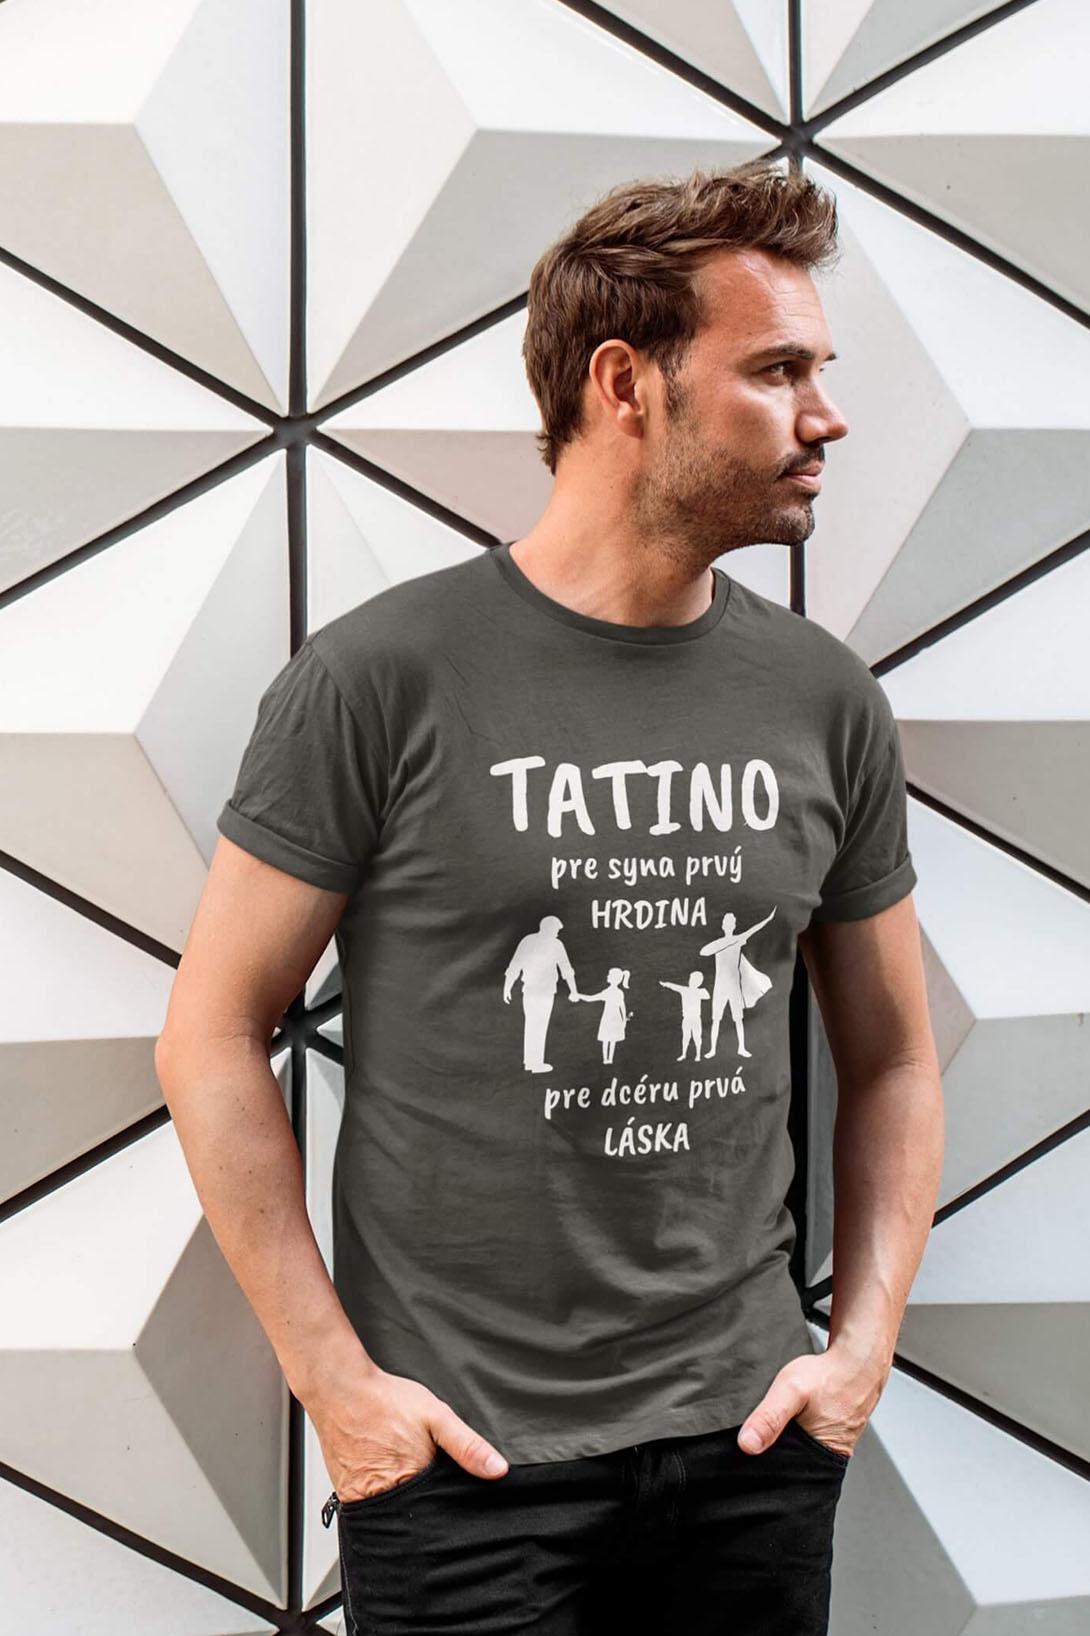 MMO Pánske tričko Tatino Vyberte farbu: Tmavá bridlica, Vyberte veľkosť: XL